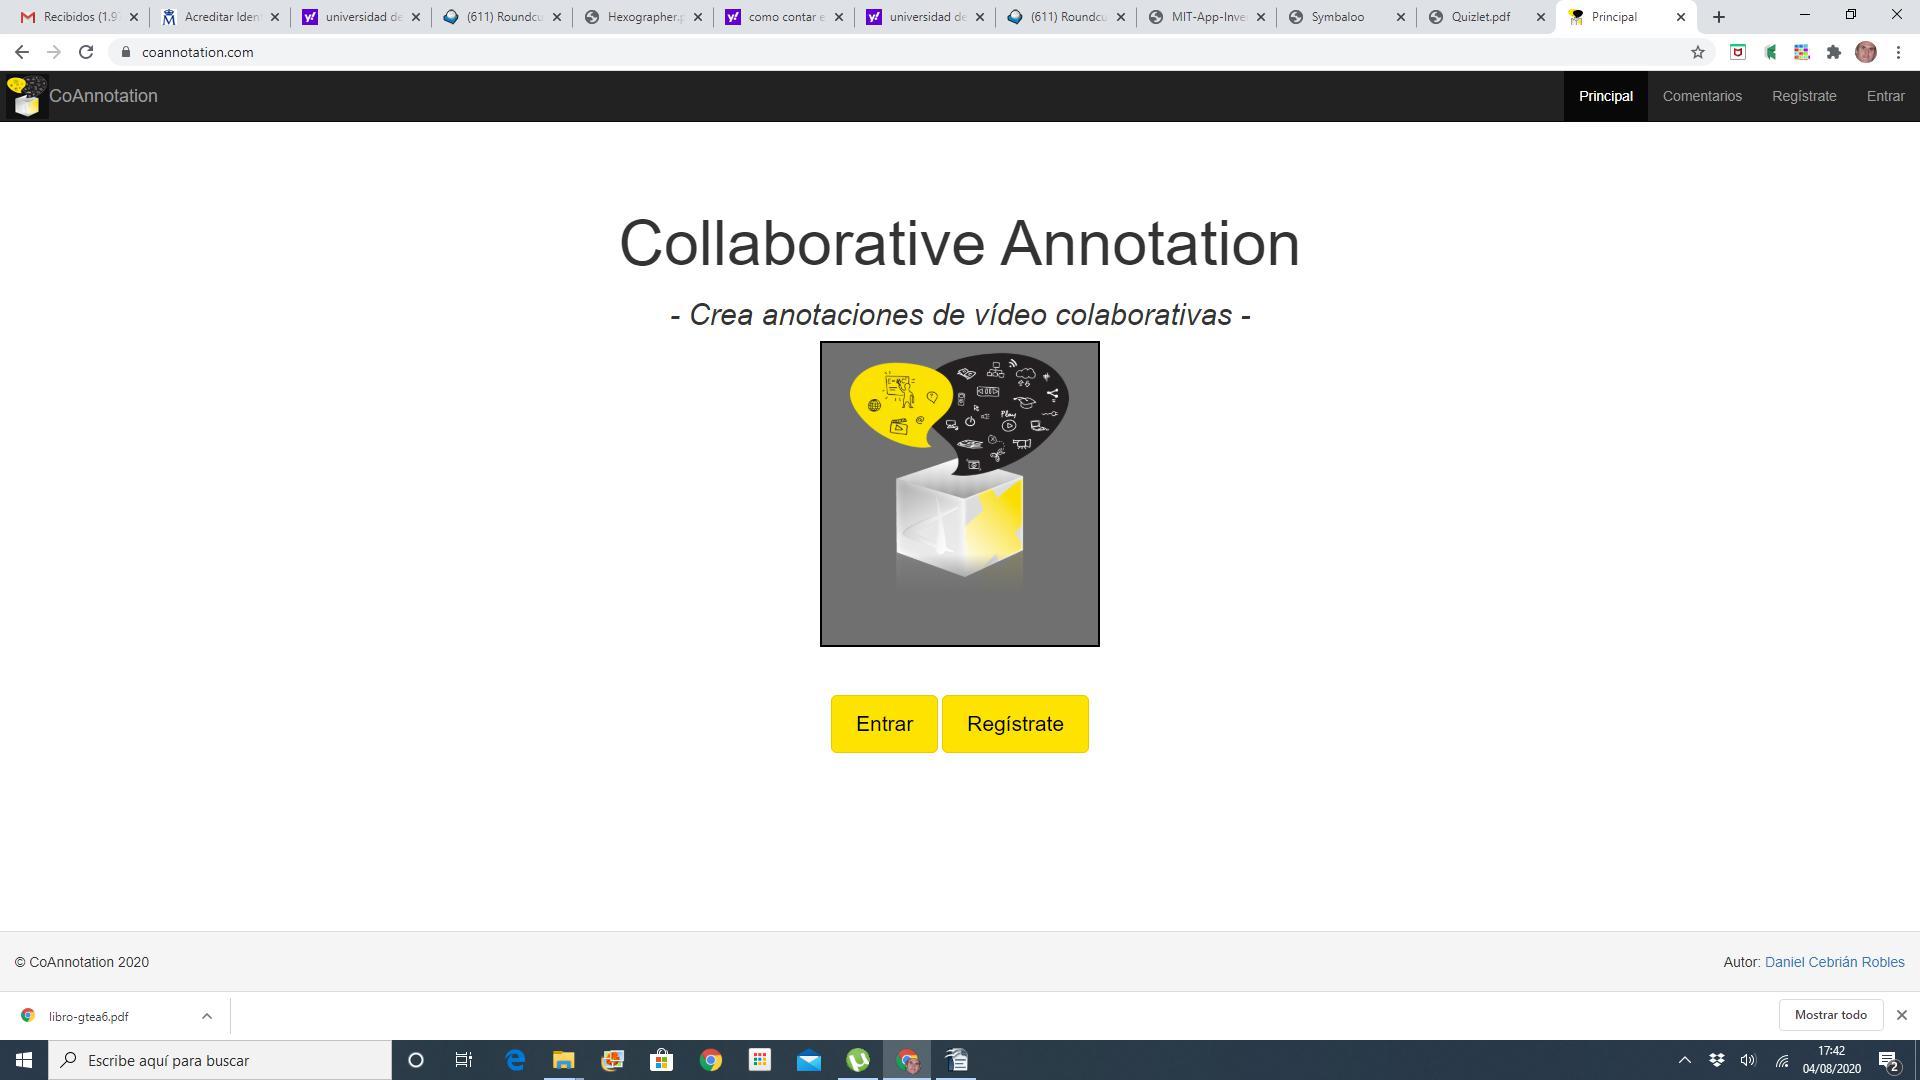 Acceso a la herramienta Coannotation.com